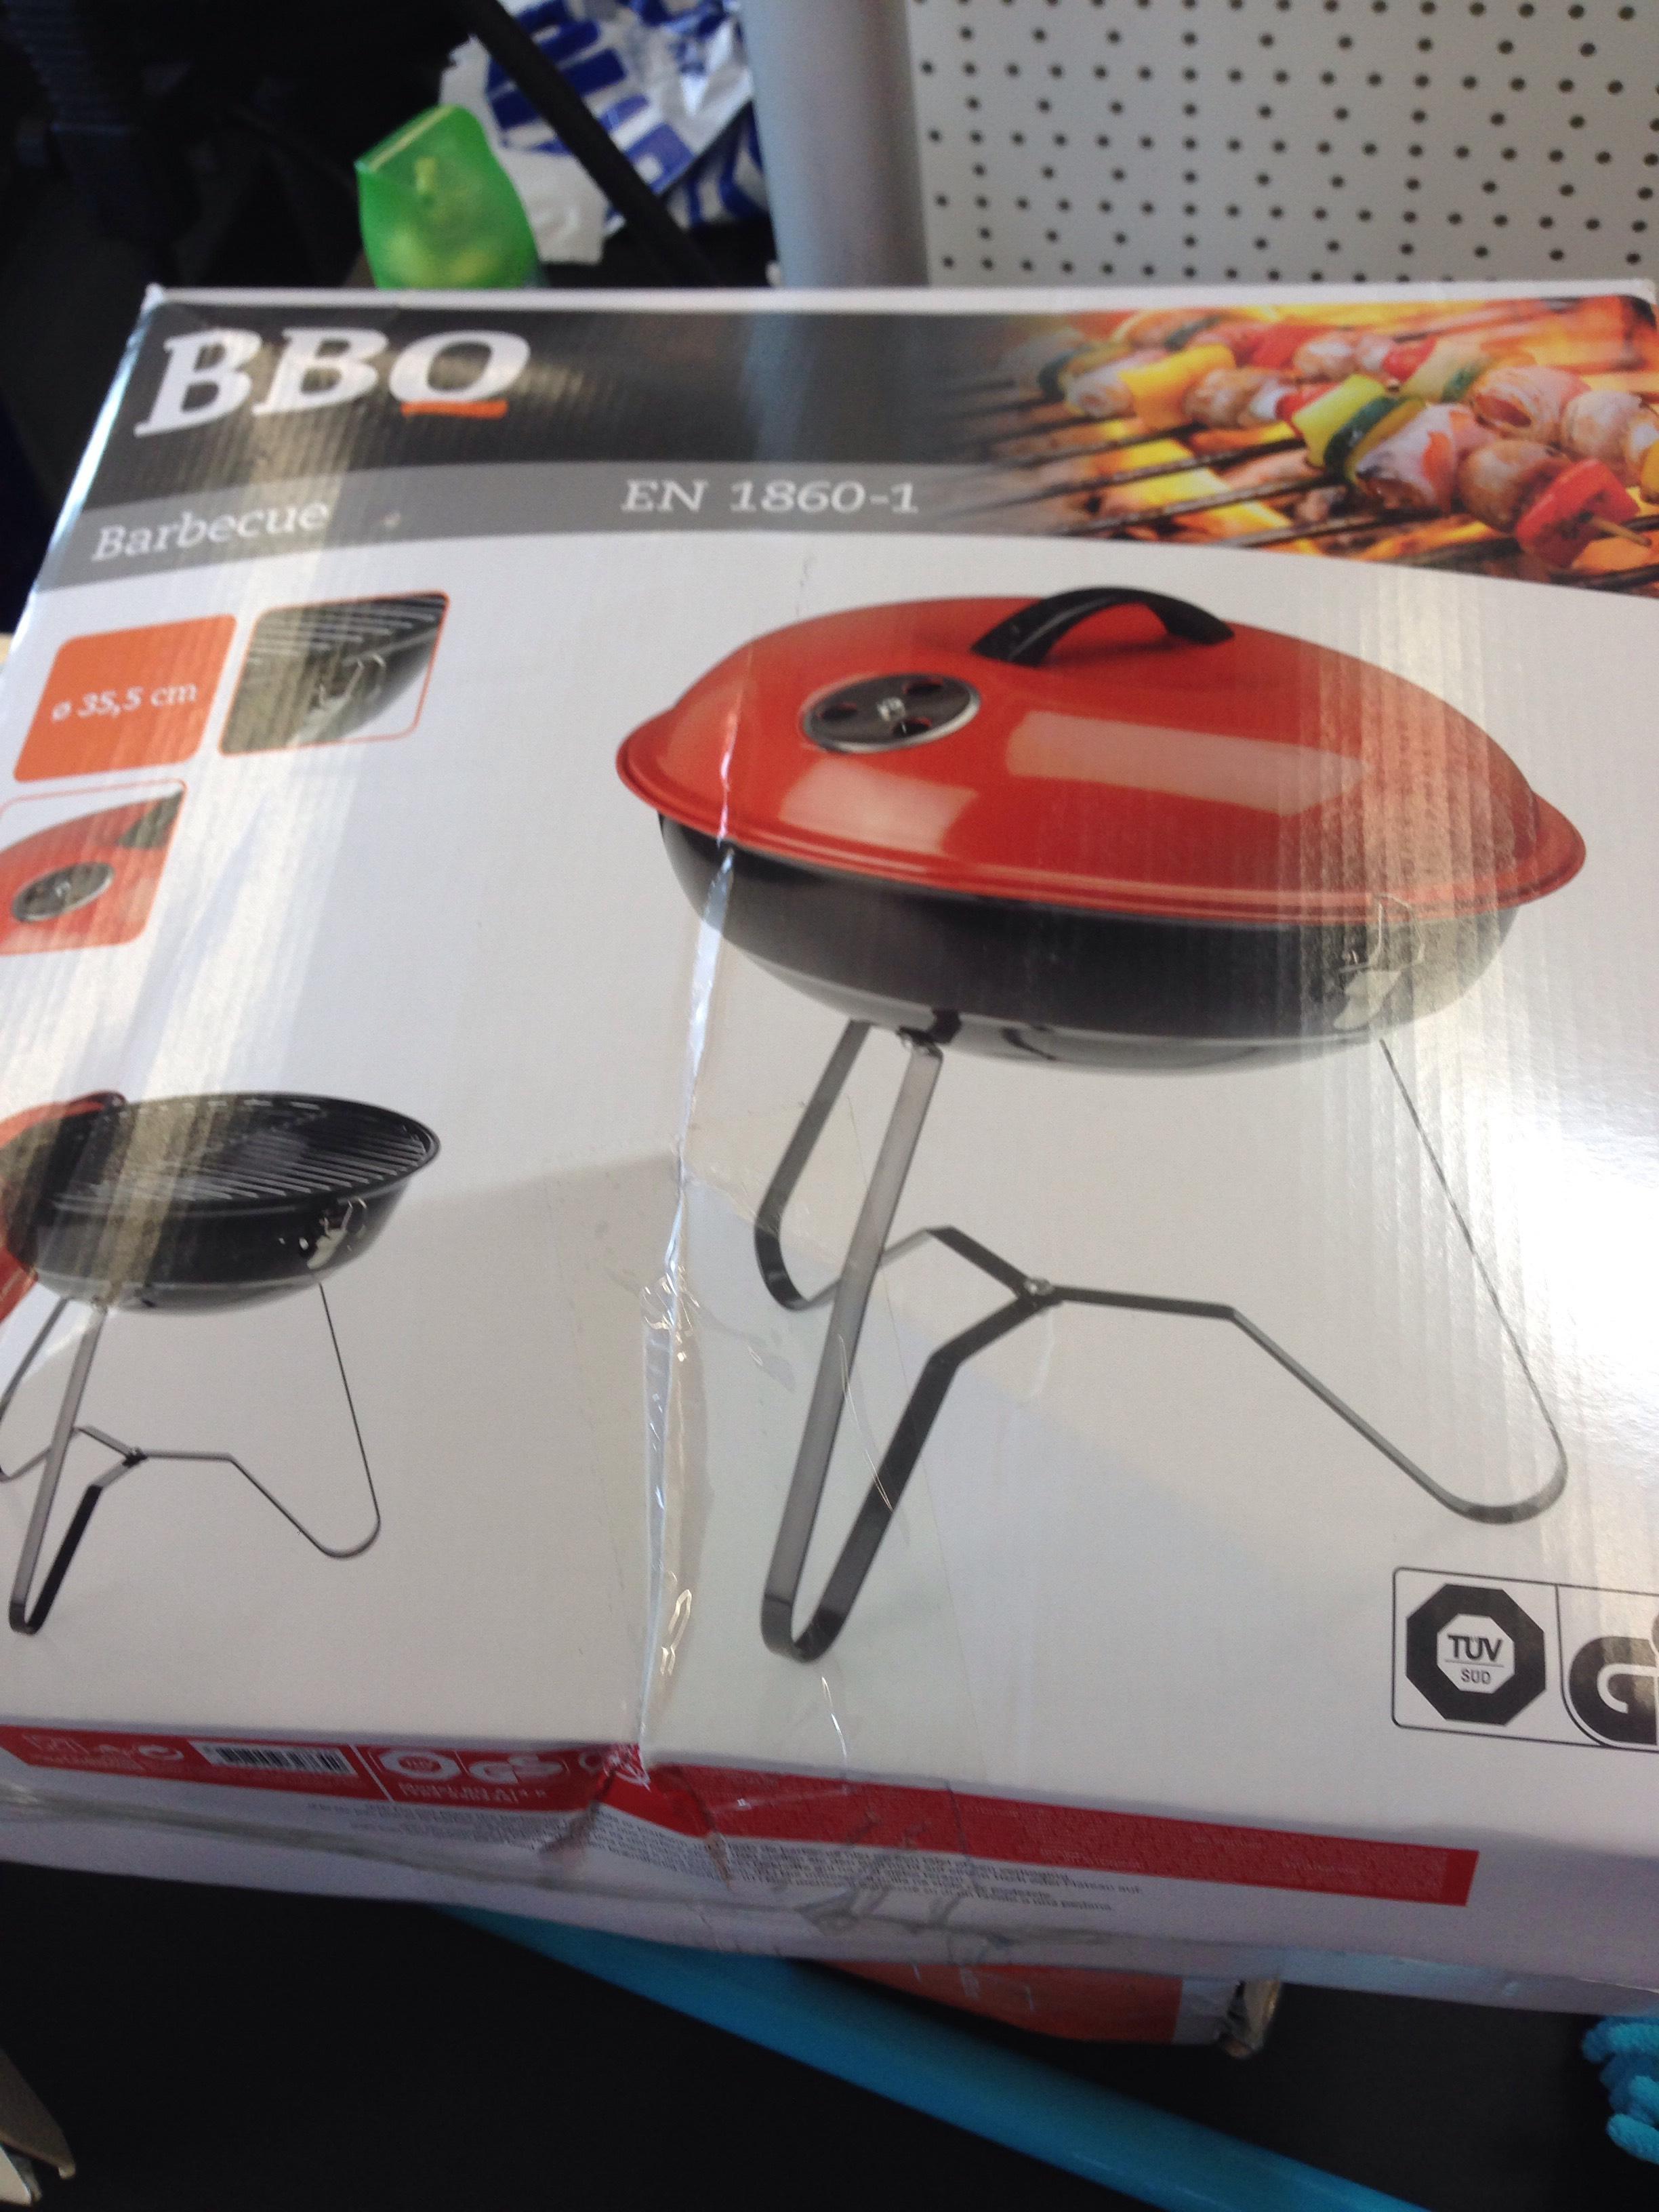 Barbecue BBQ EN 1860-1 (35.5cm)